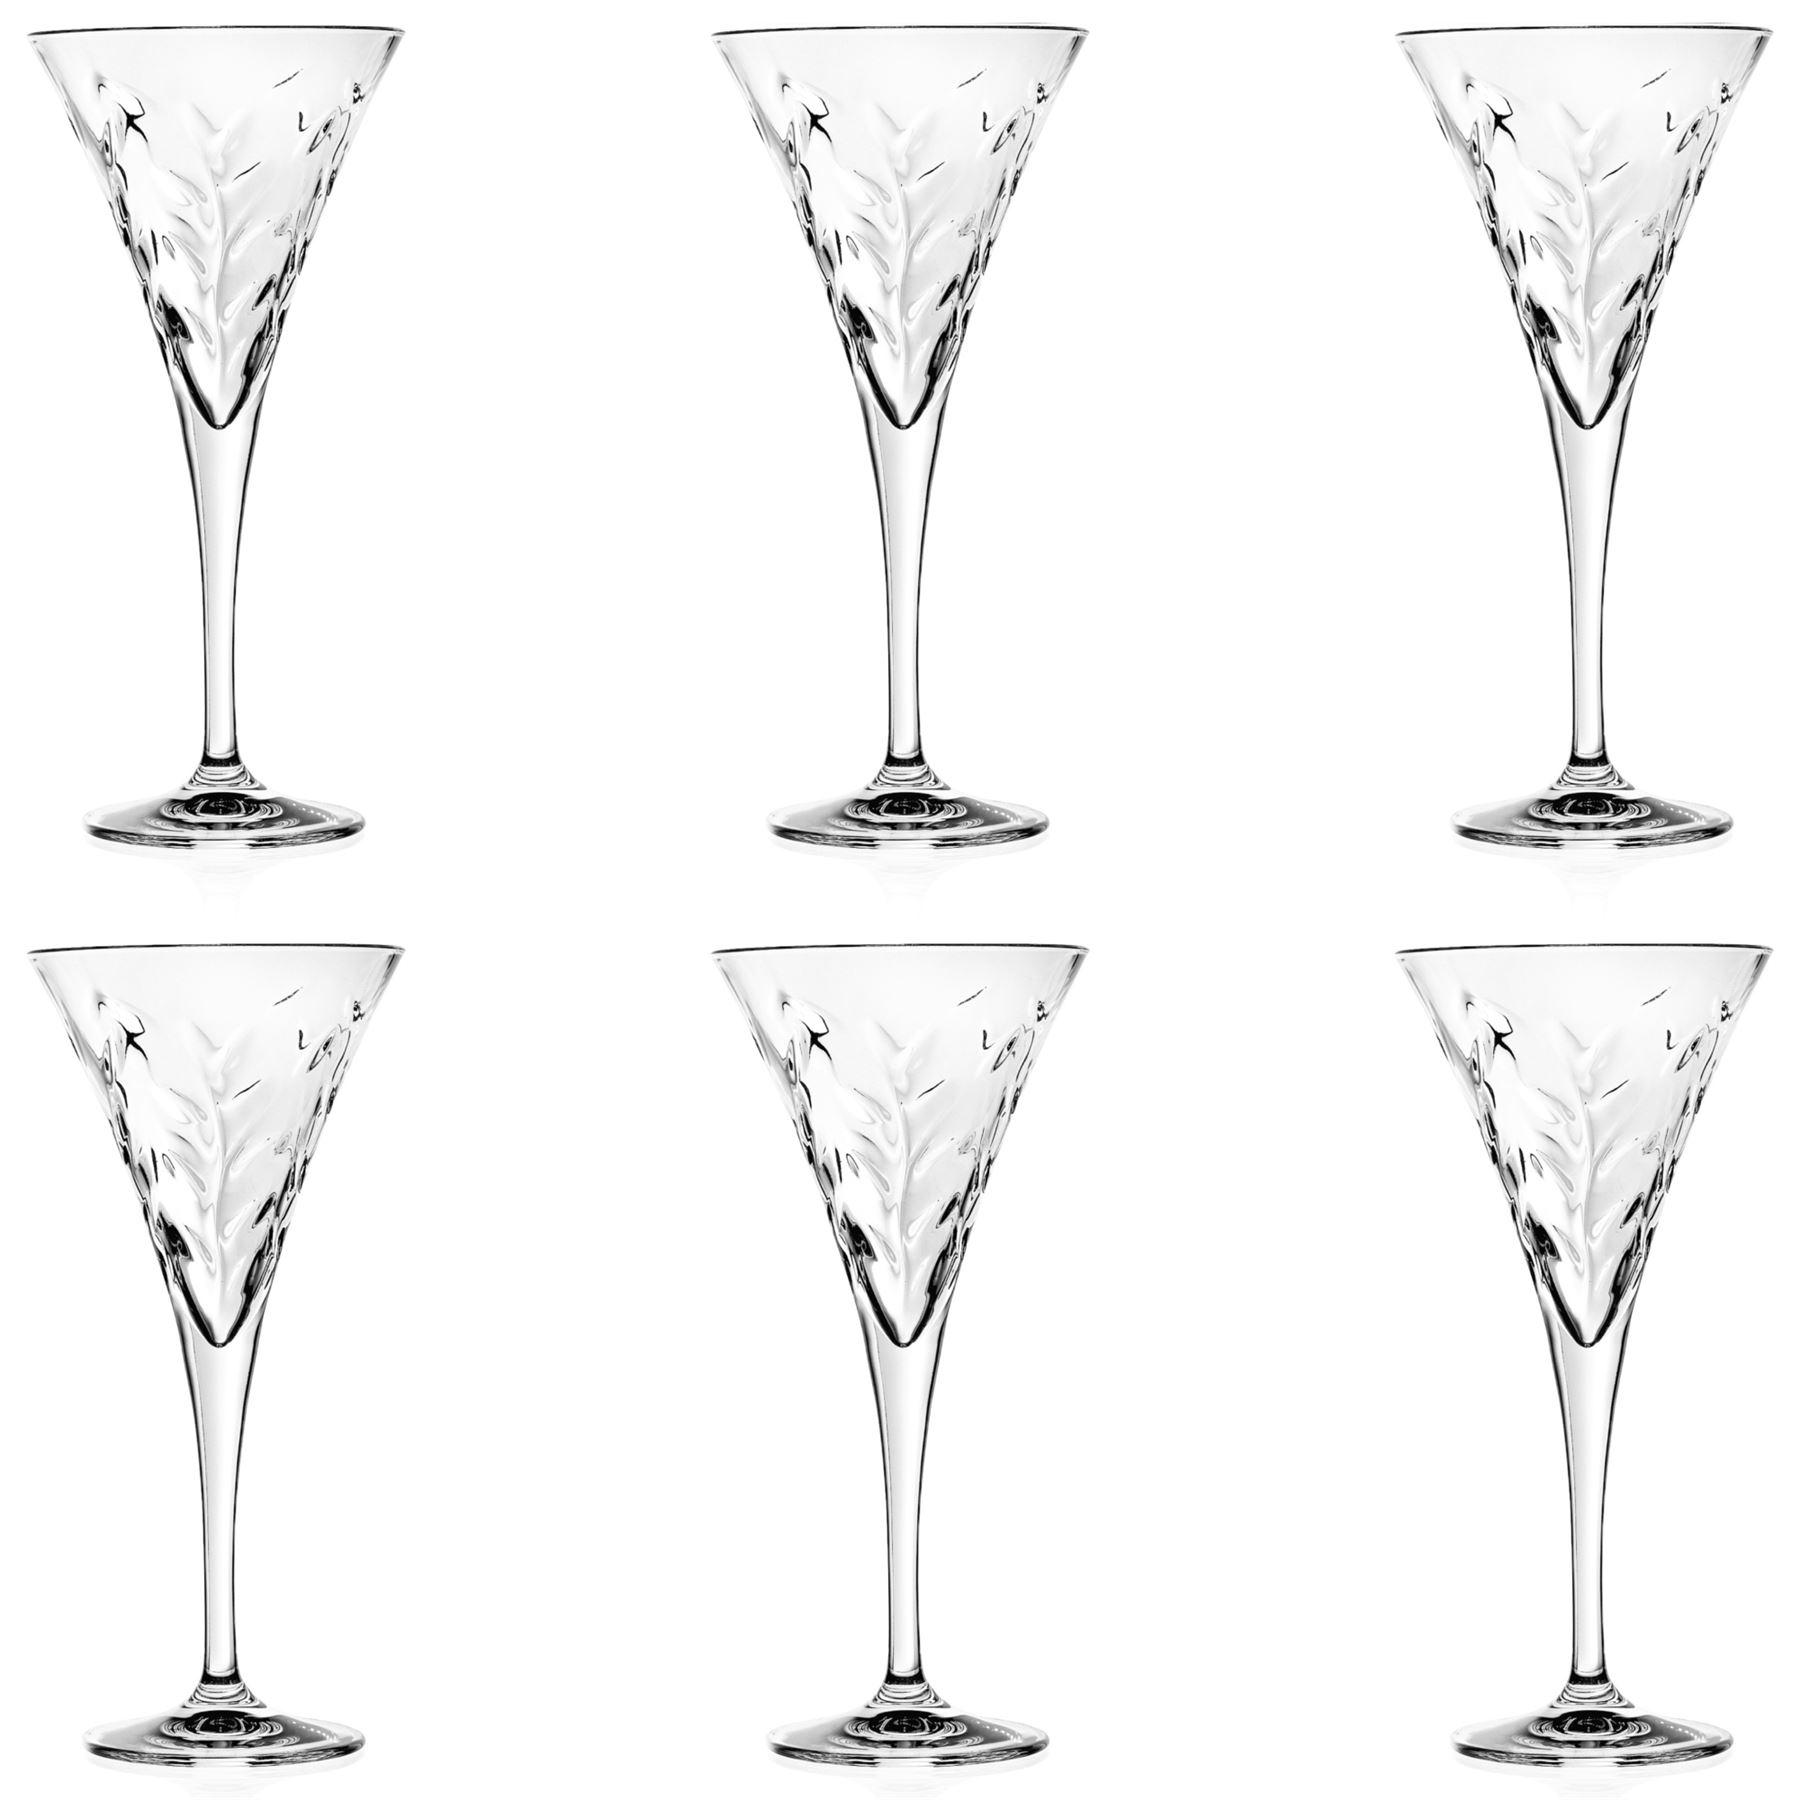 6x Laurus Cut Glass Wine Glasses